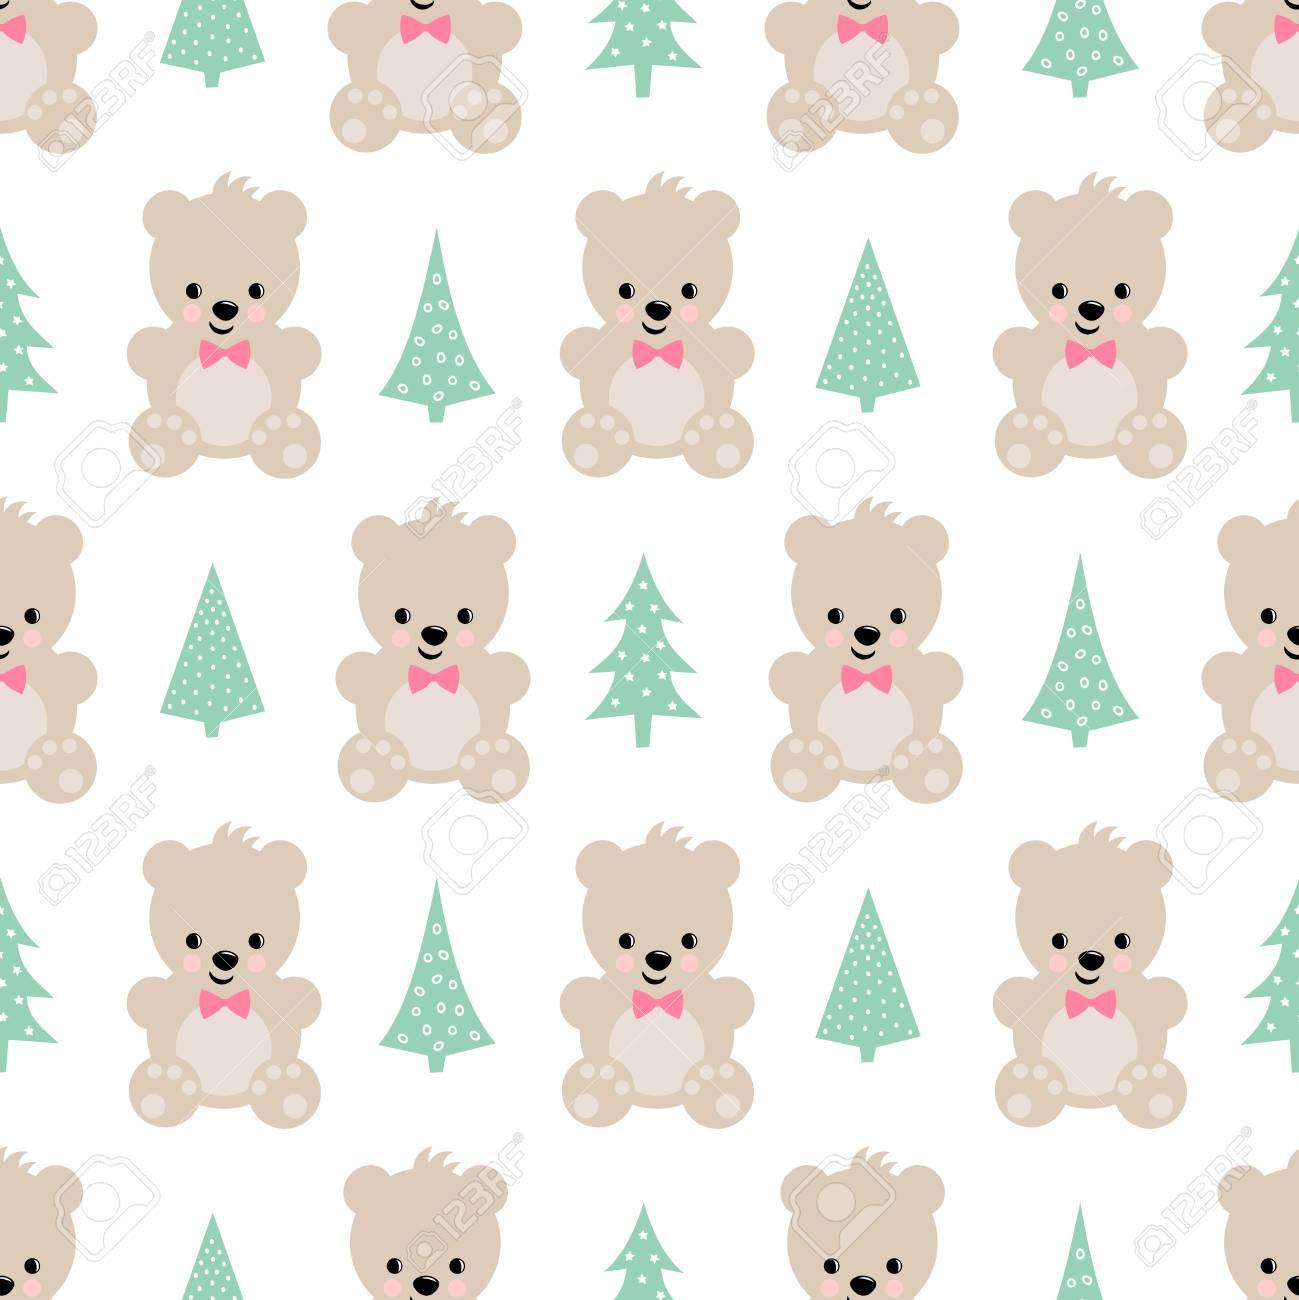 Oso De Peluche Con árboles De Navidad Patrón Transparente Sobre ...